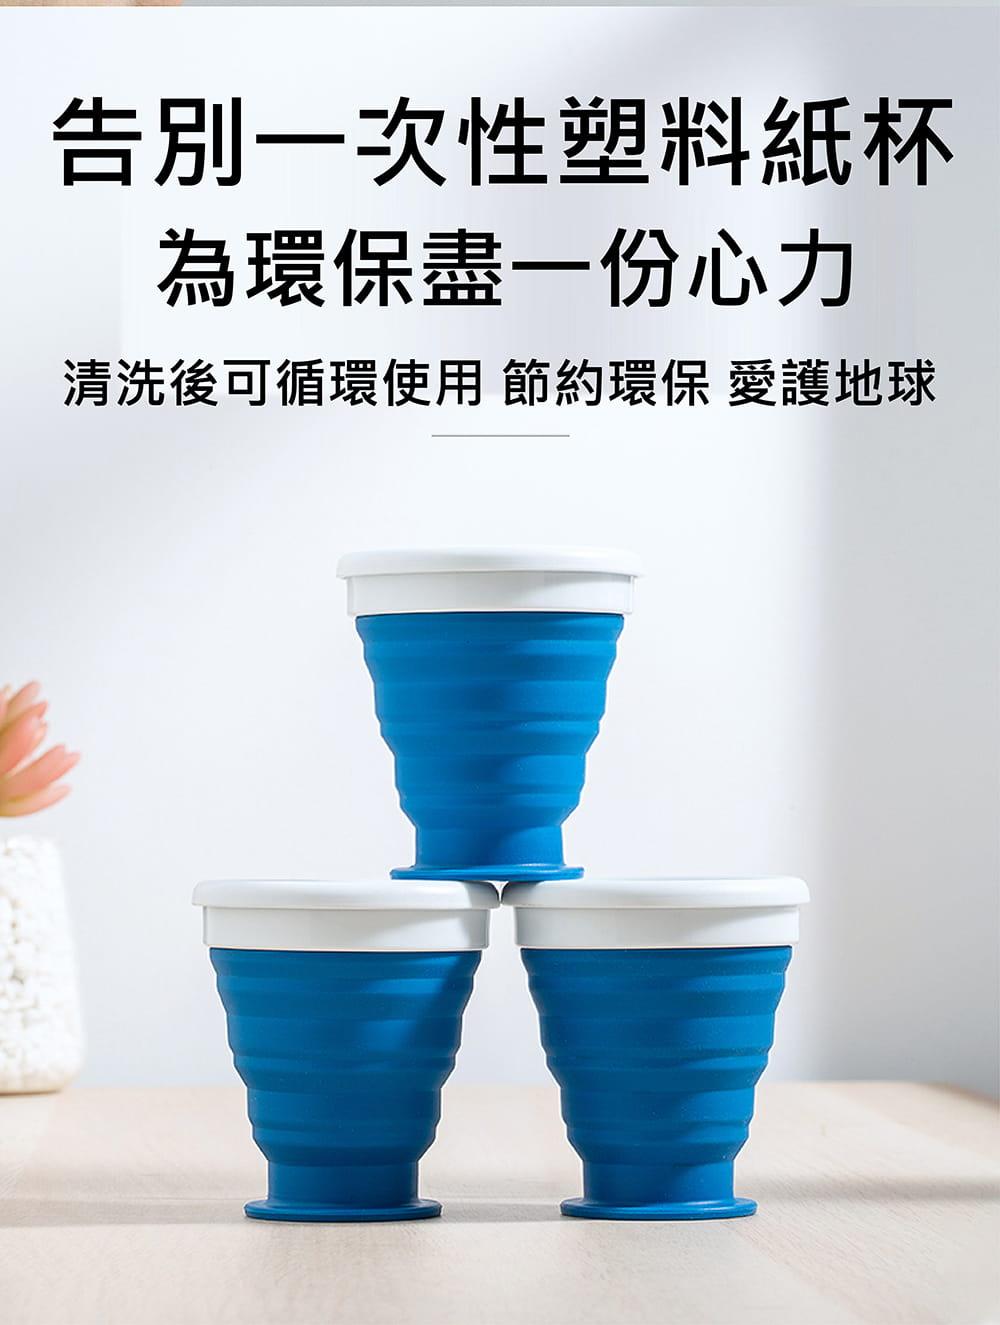 【英才星】太力旅行便攜輕巧摺疊矽膠杯 6